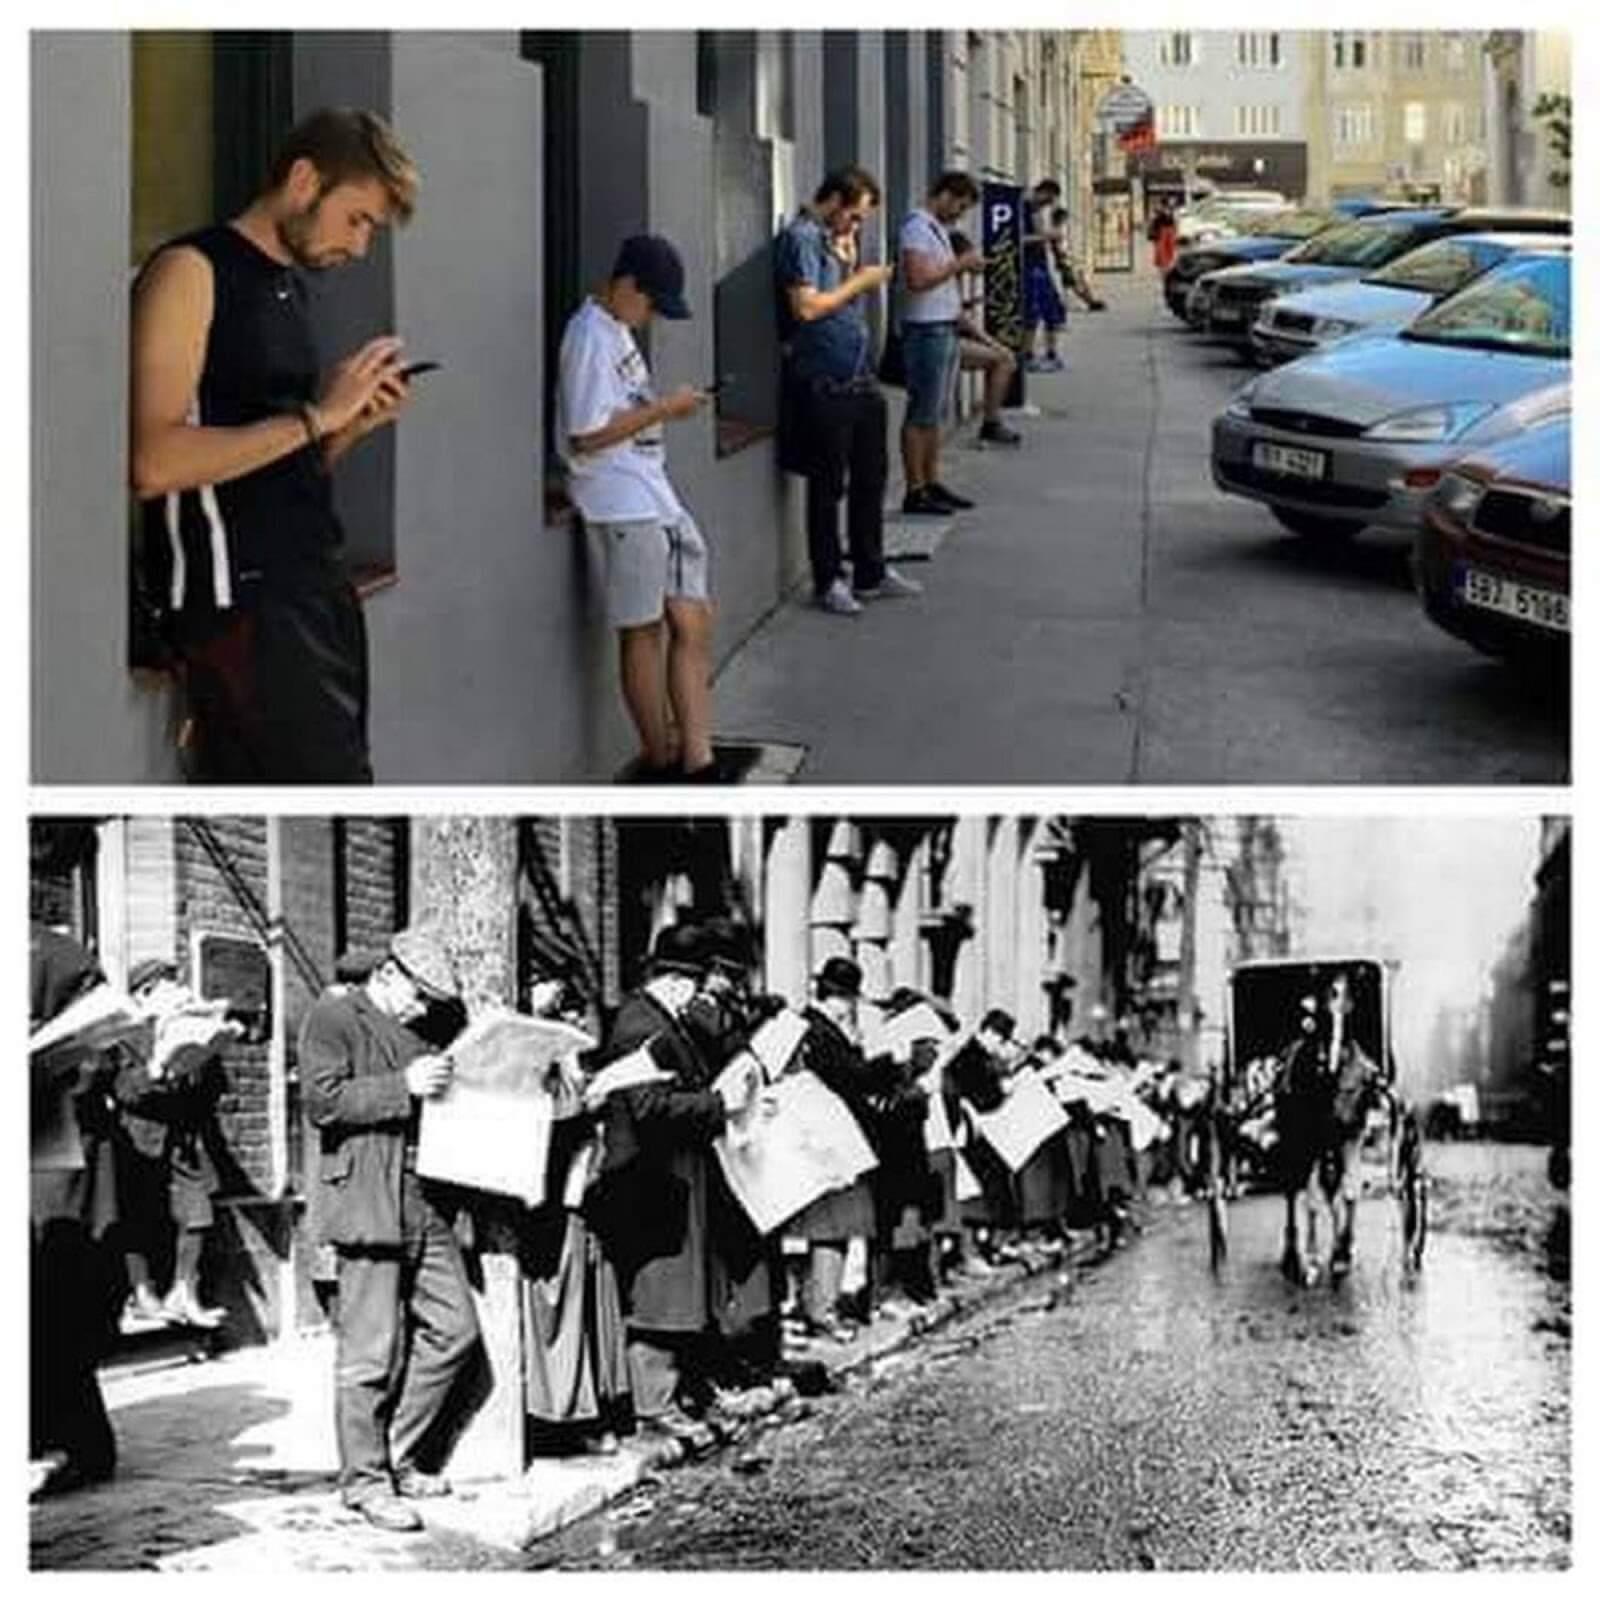 Con người lúc công nghệ mới phát triển và hiện tại